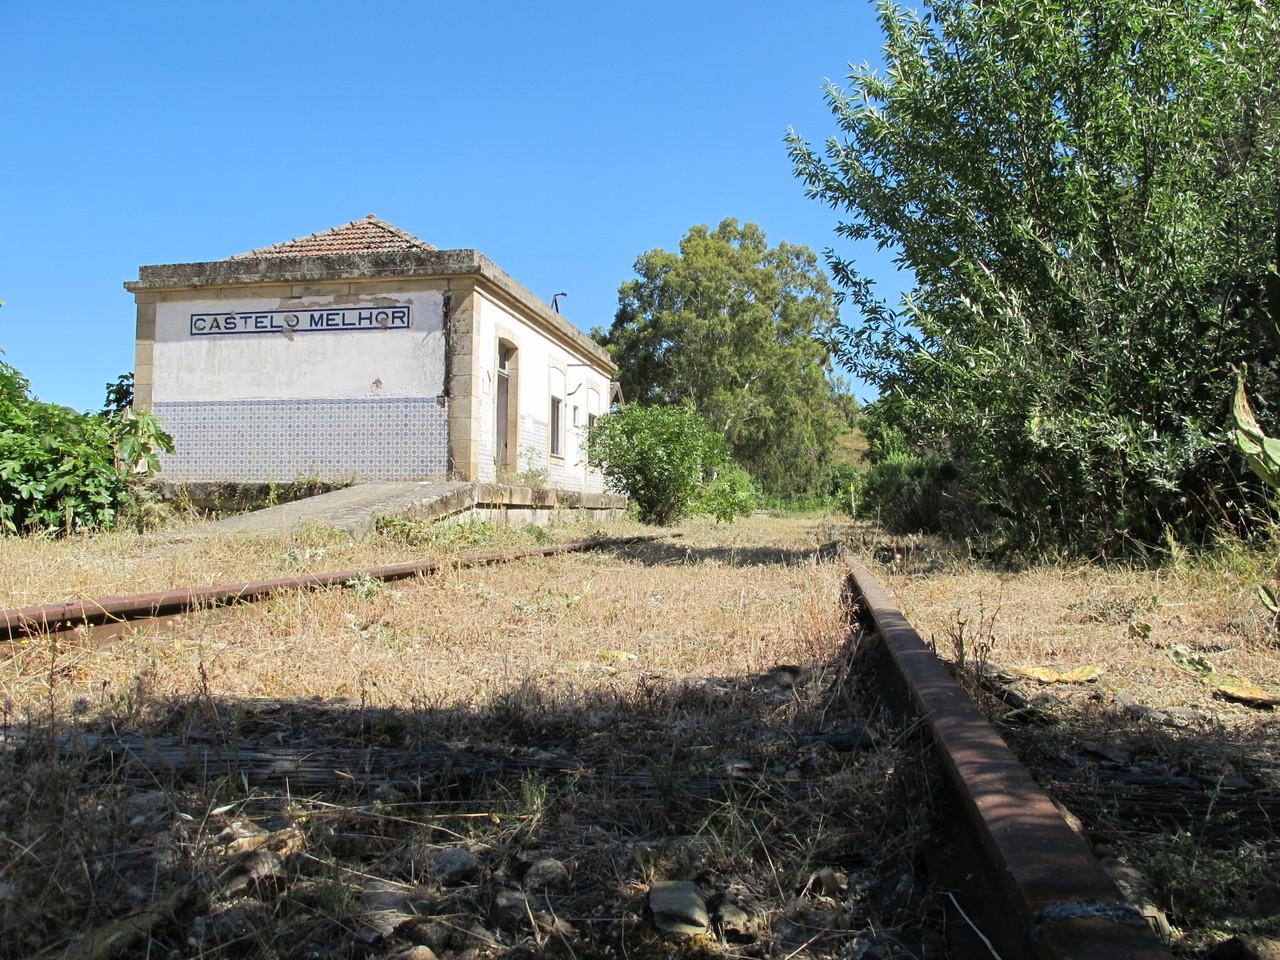 Estação de Castelo Melhor